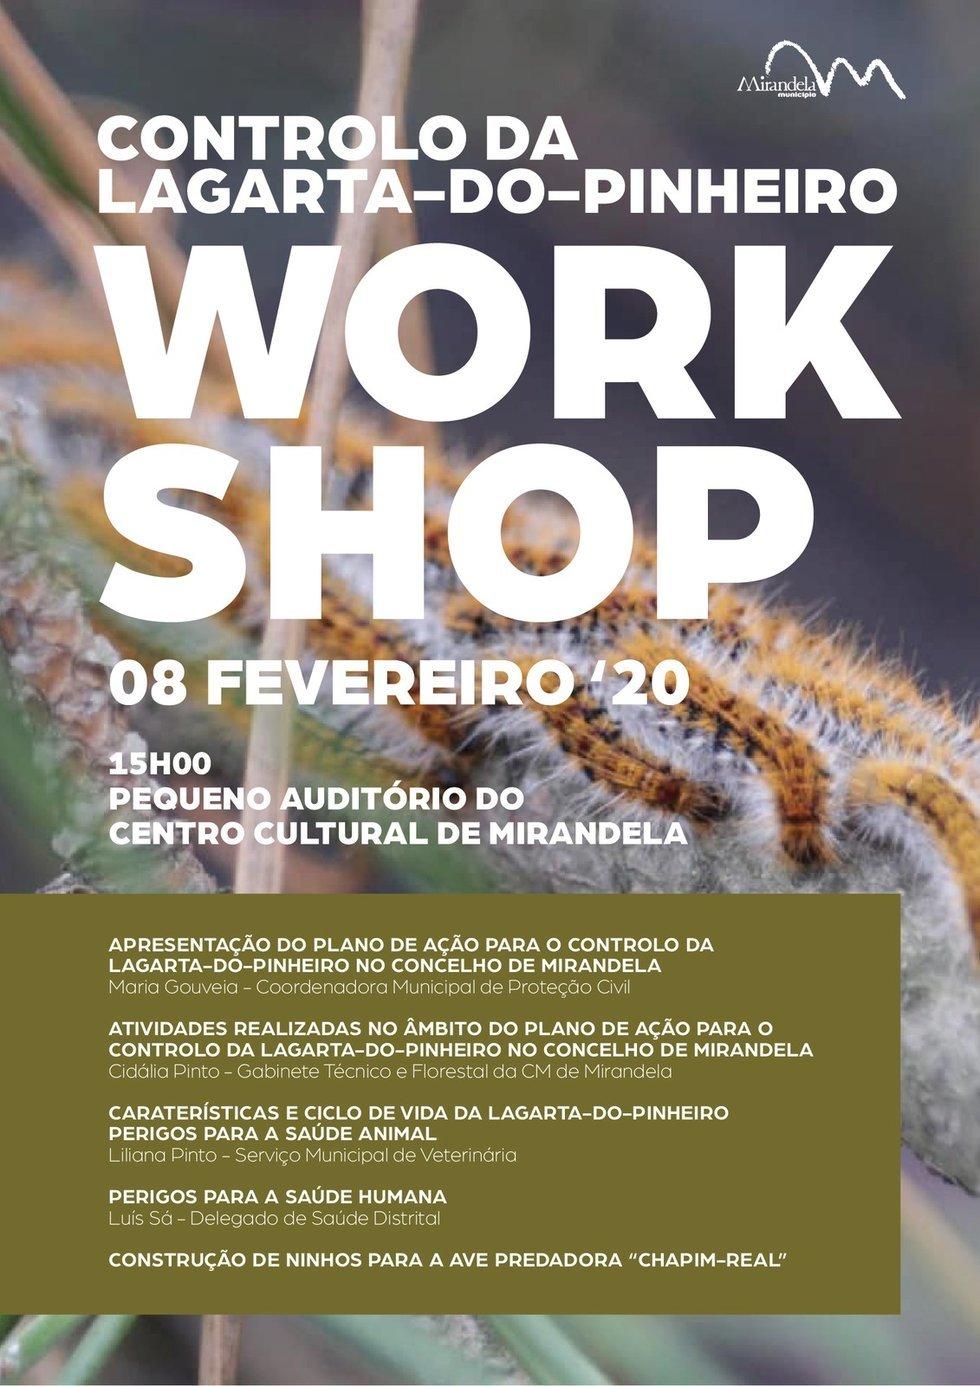 Controlo da Lagarta-do-Pinheiro - Workshop